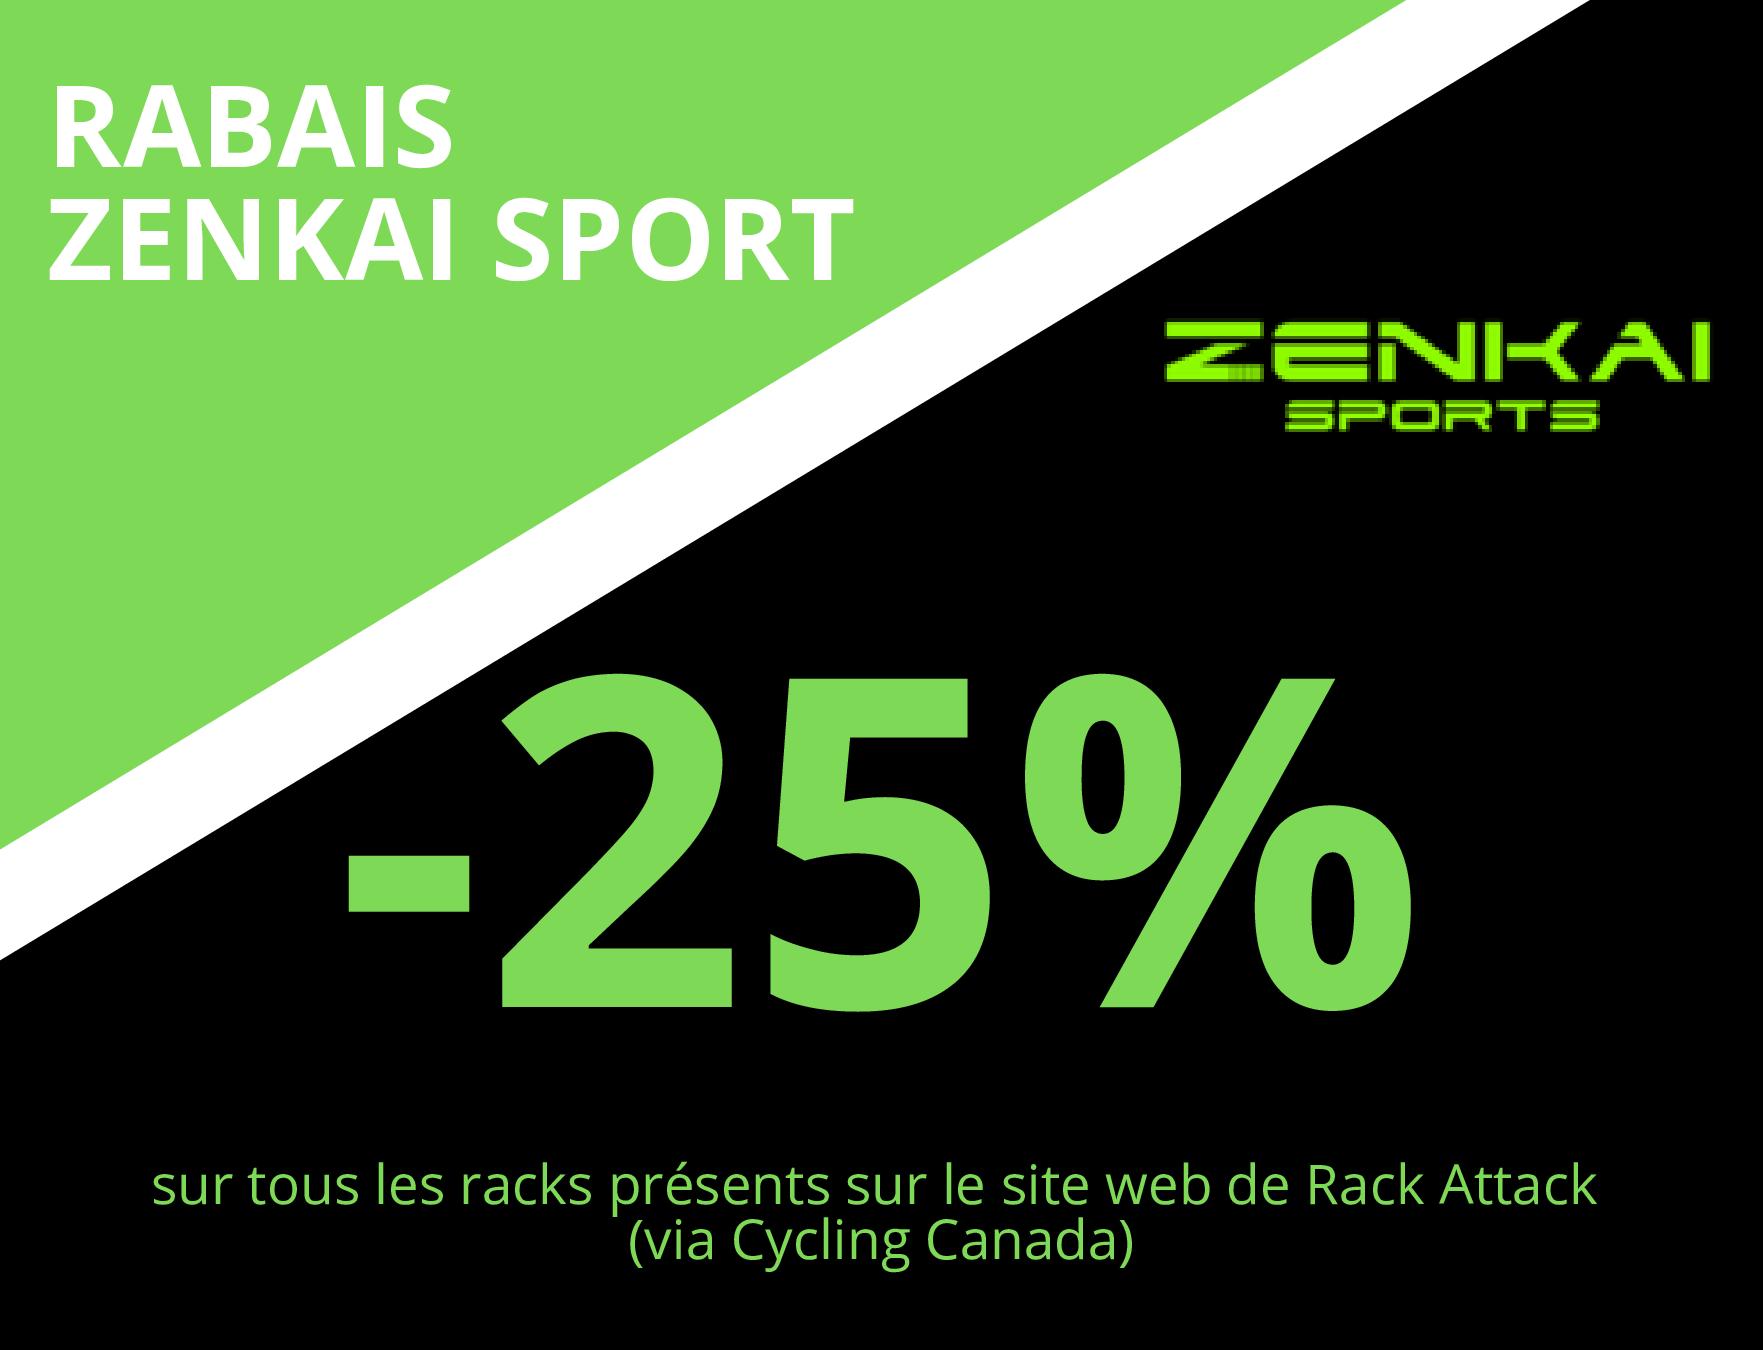 Zenkai Sport